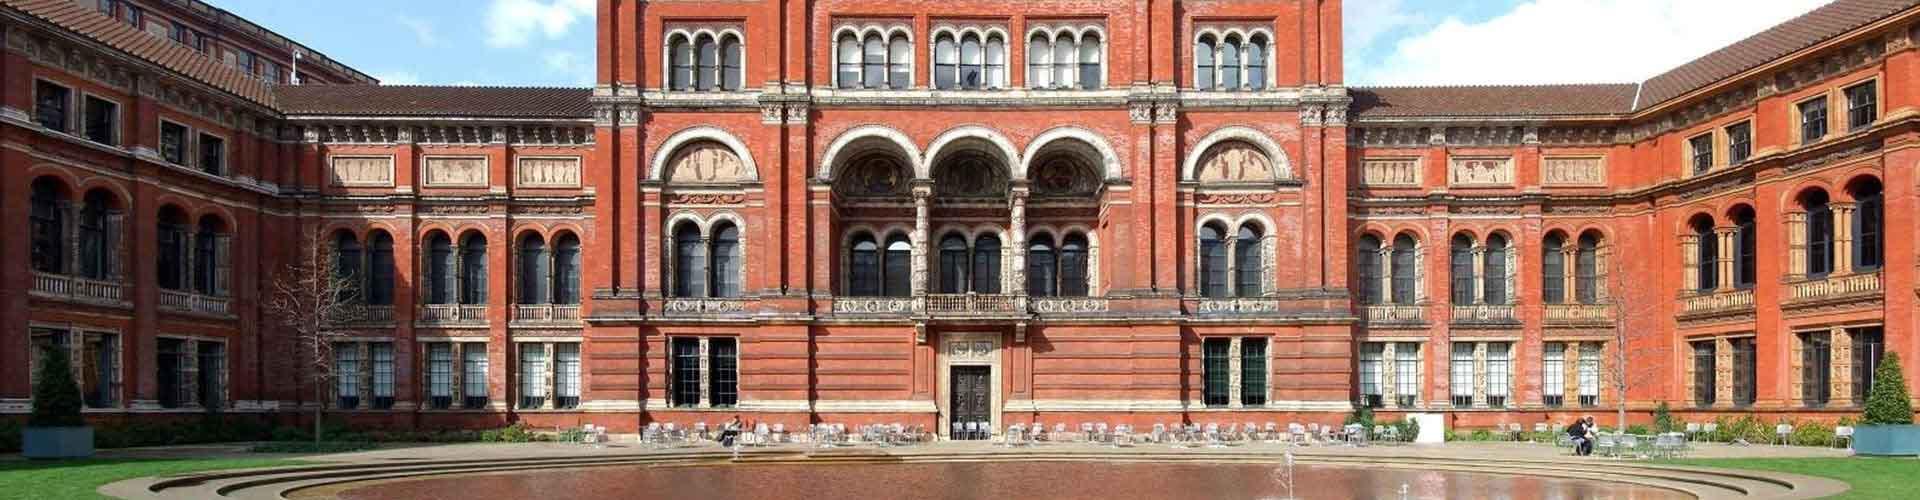 런던 - 빅토리아 & 앨버트 박물관와 가까운 호스텔. 런던의 지도, 런던에 위치한 호스텔 사진 및 후기 정보.